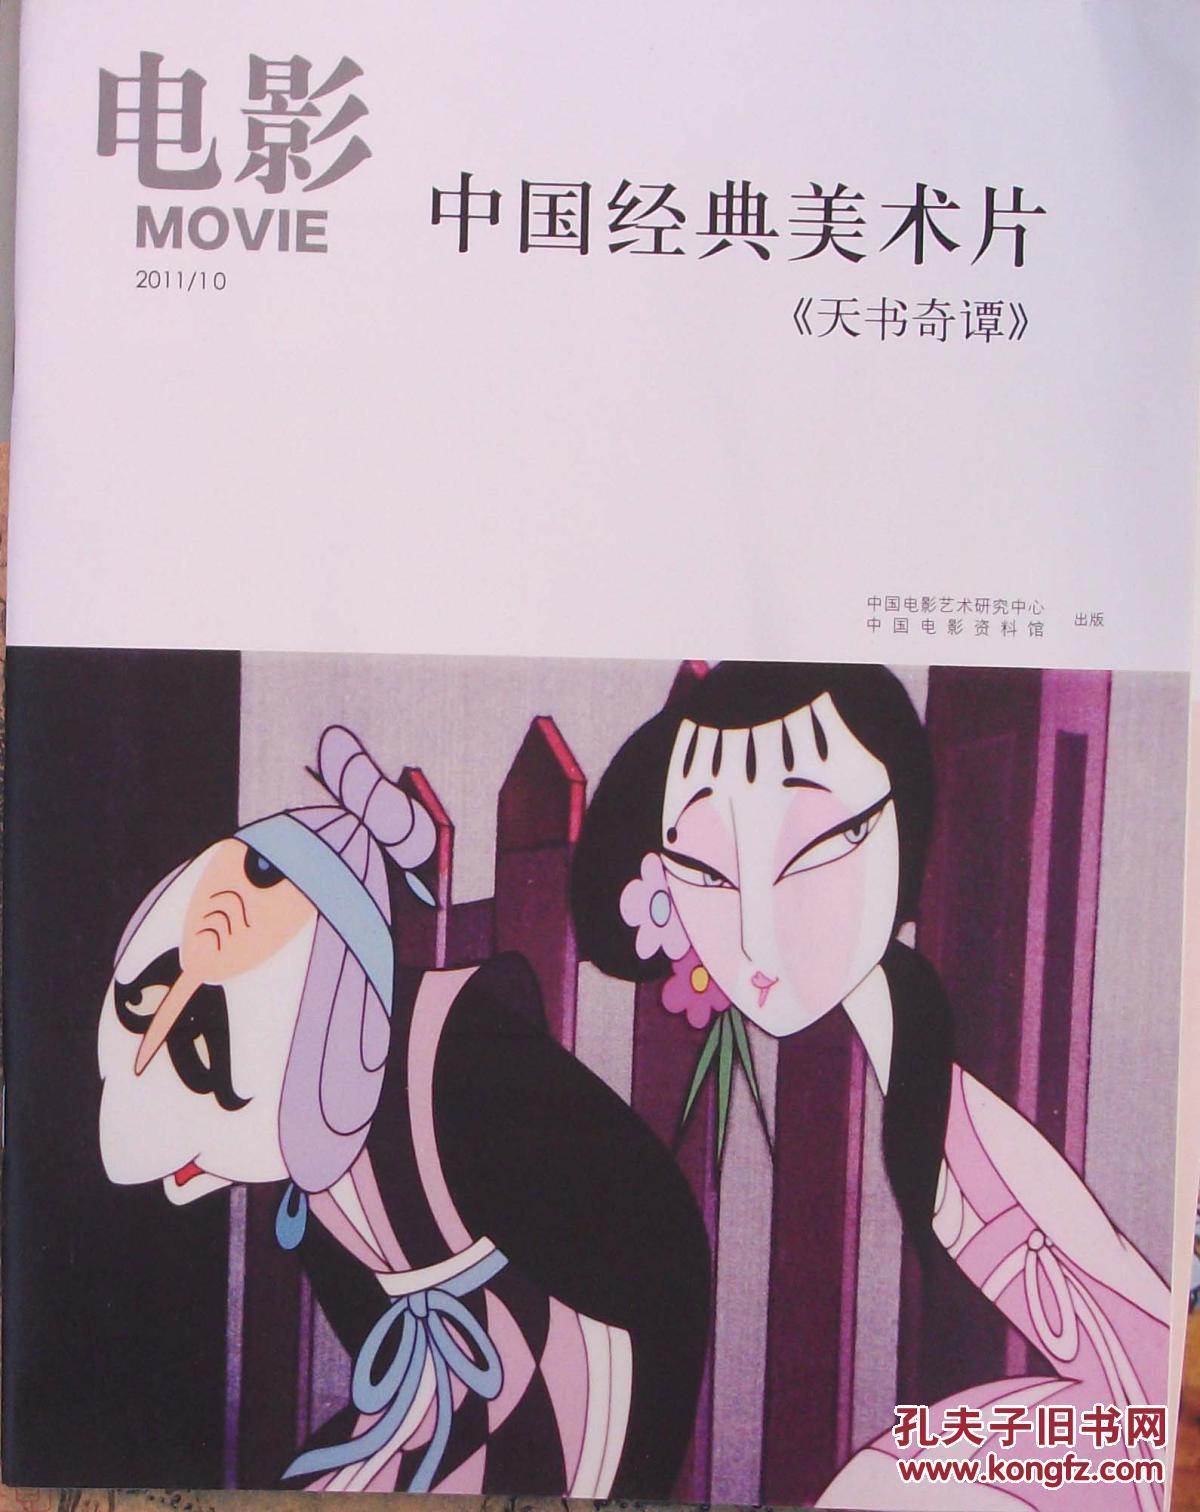 2011/10:中国经典美术片《天书奇谭》图片